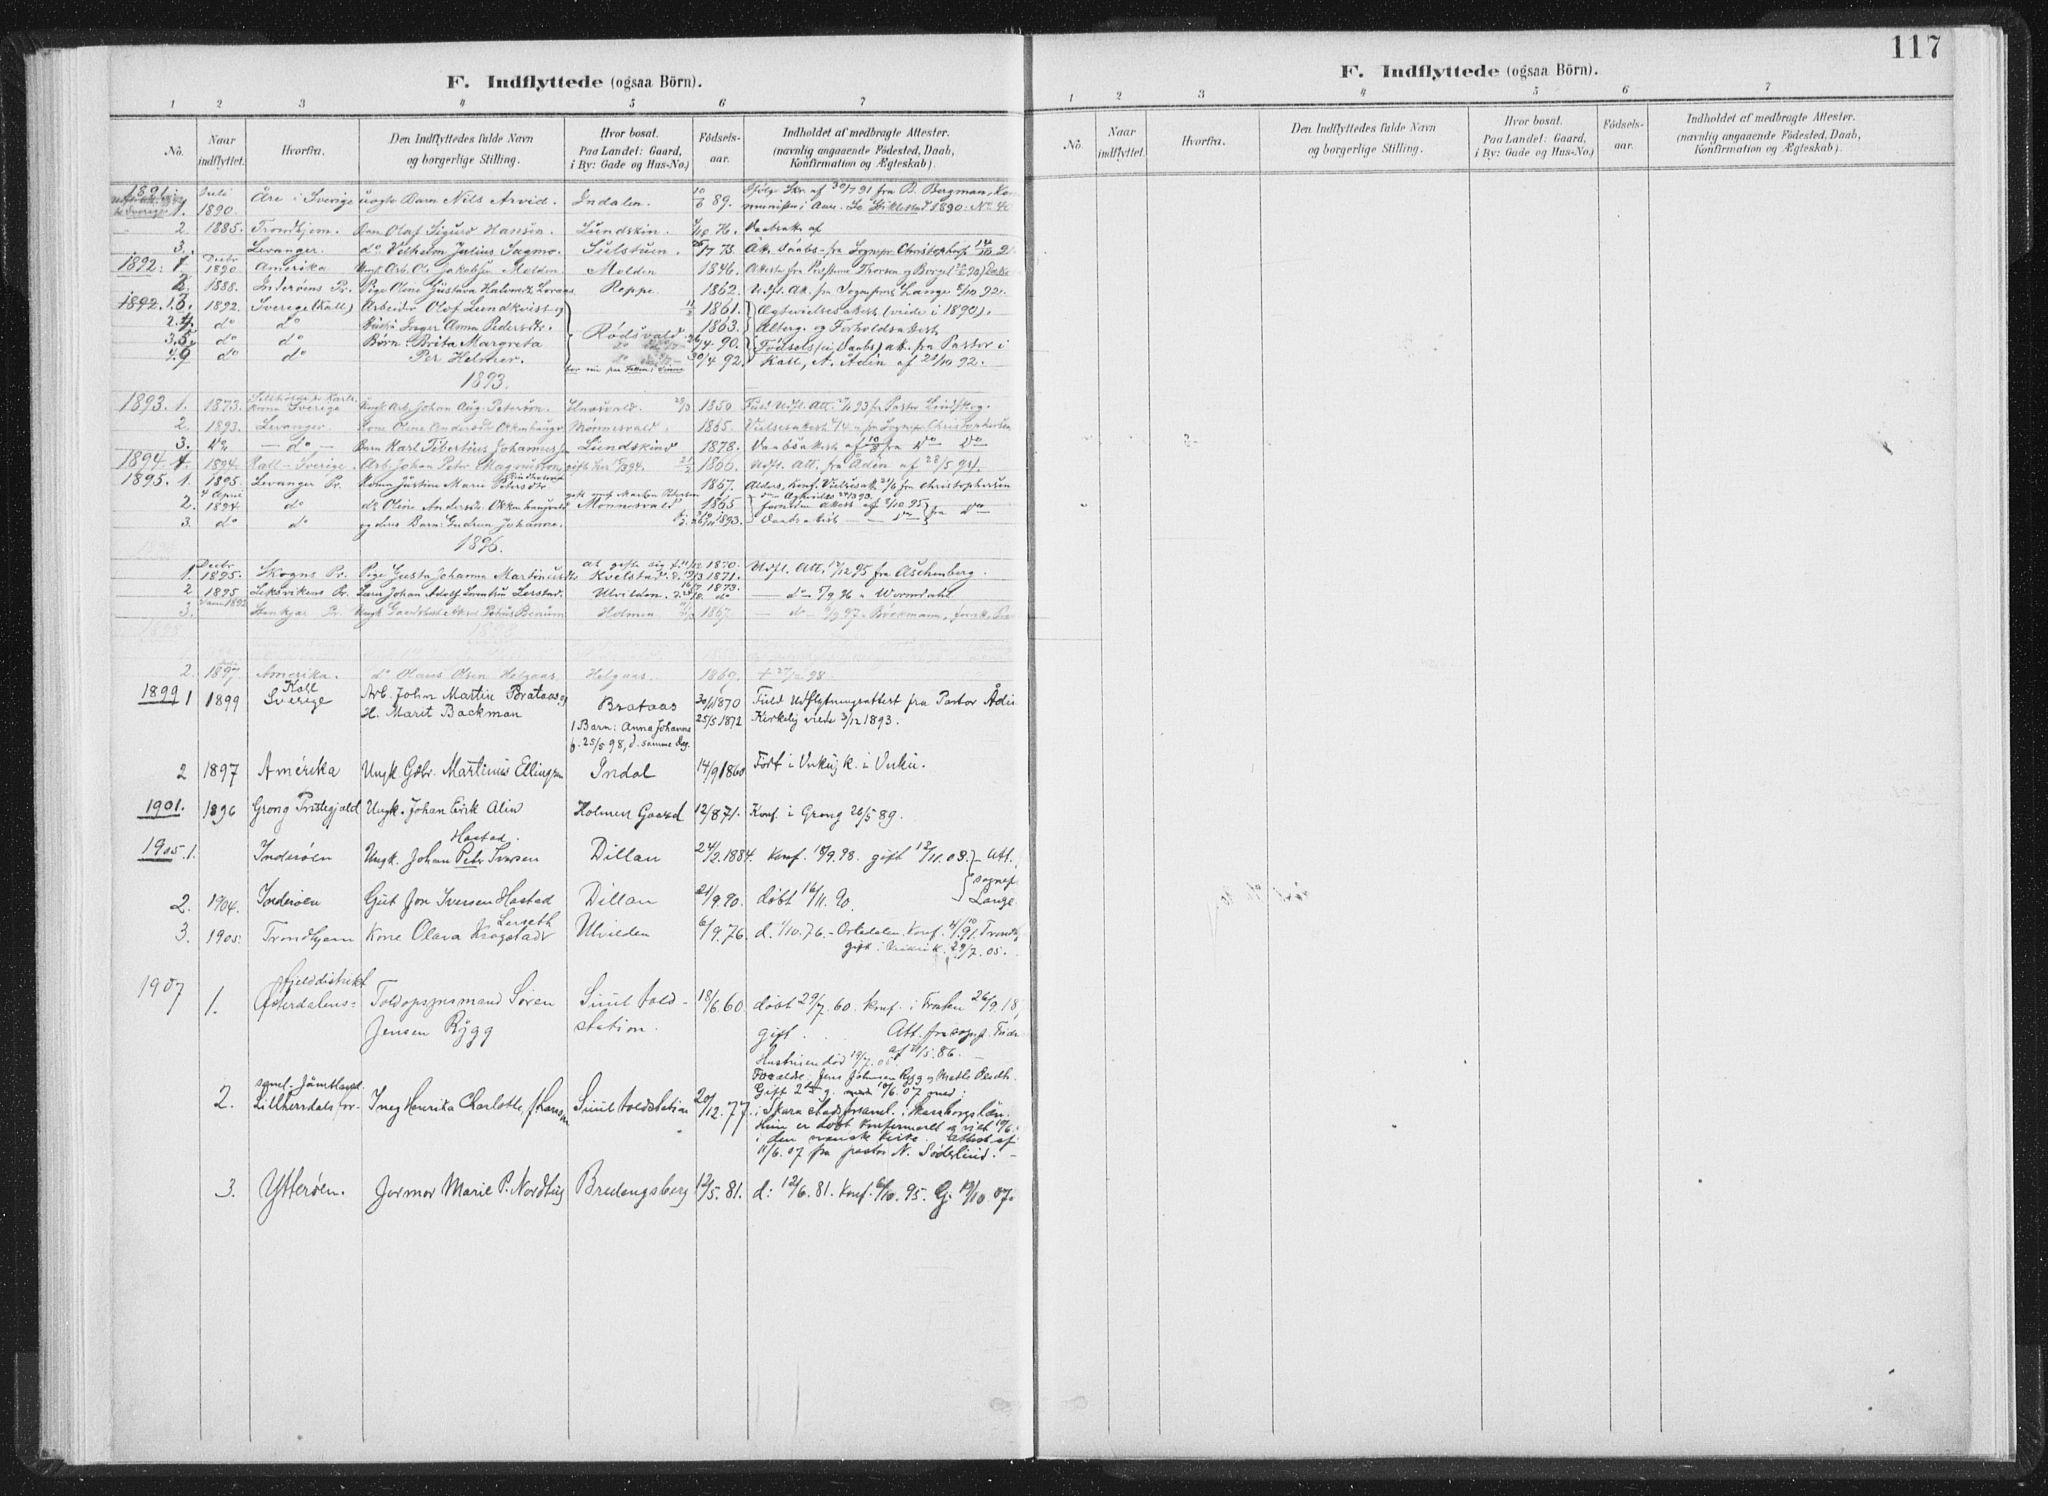 SAT, Ministerialprotokoller, klokkerbøker og fødselsregistre - Nord-Trøndelag, 724/L0263: Ministerialbok nr. 724A01, 1891-1907, s. 117